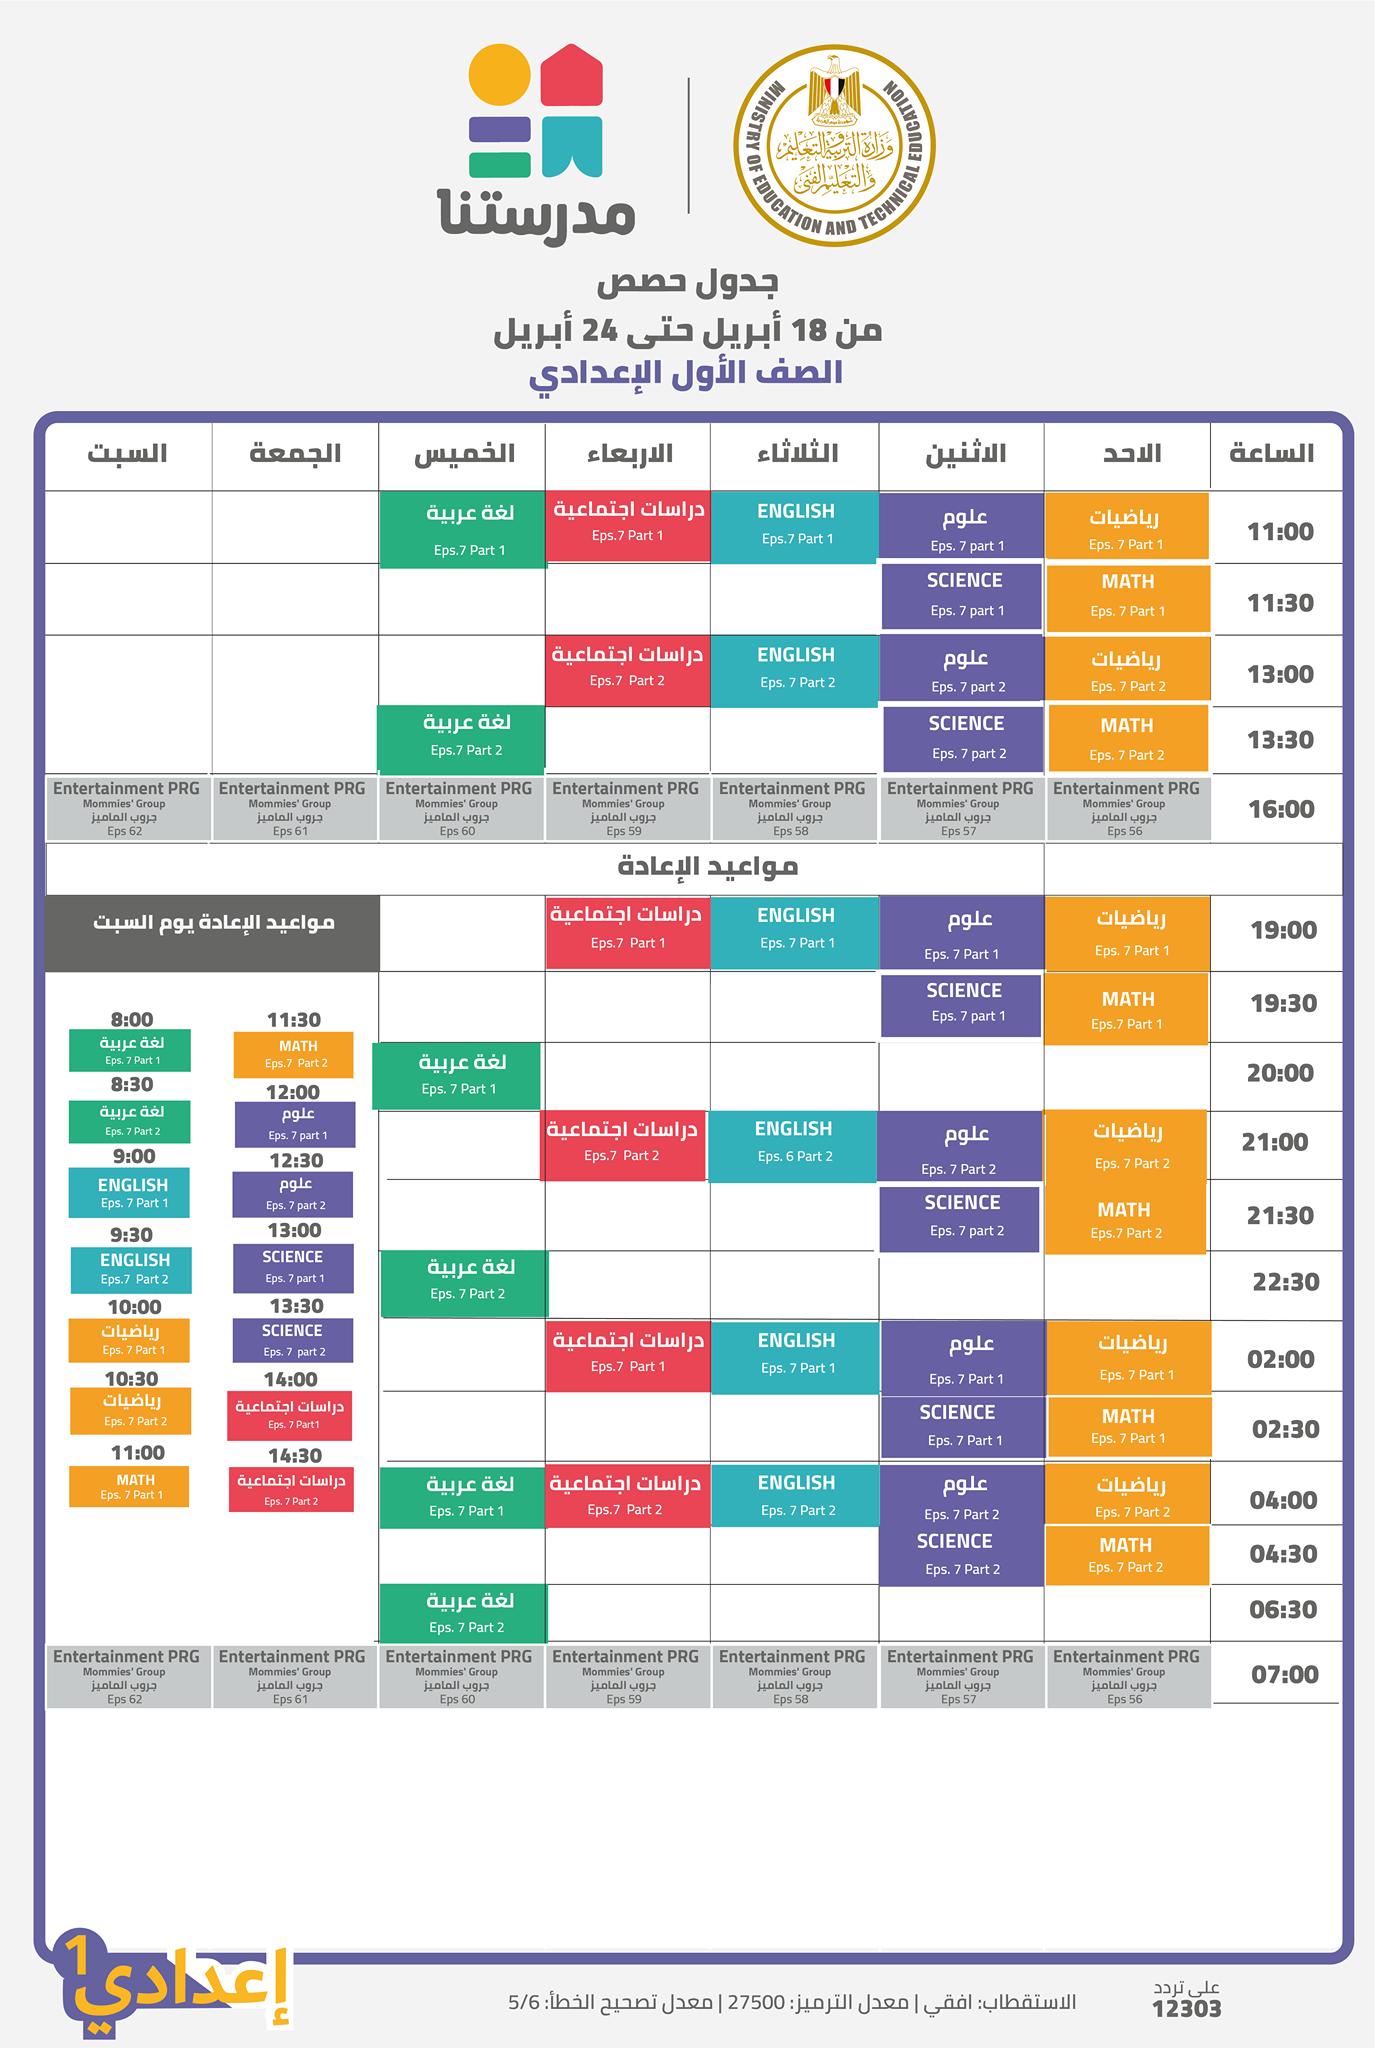 جدول مواعيد البرامج التعليمية علي قناة مدرستنا التعليمية من 18 أبريل إلي 24 أبريل 2021 5